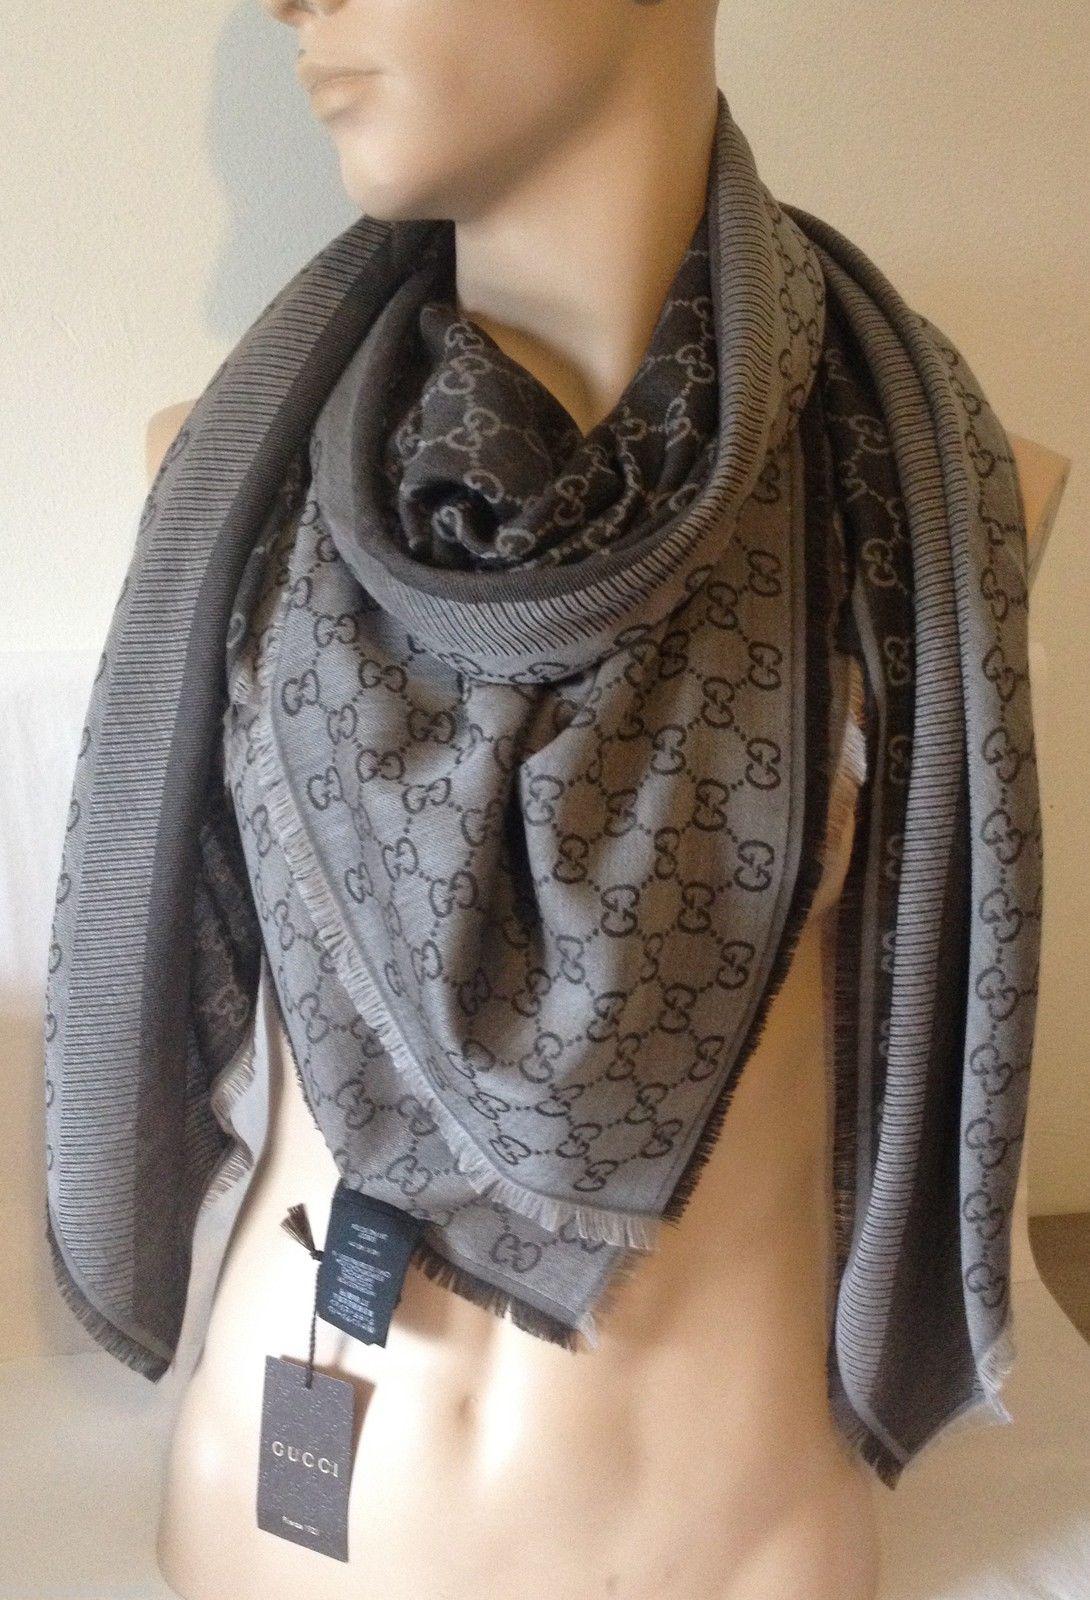 c1f1e446c949 Cheche echarpe femme - Idée pour s habiller